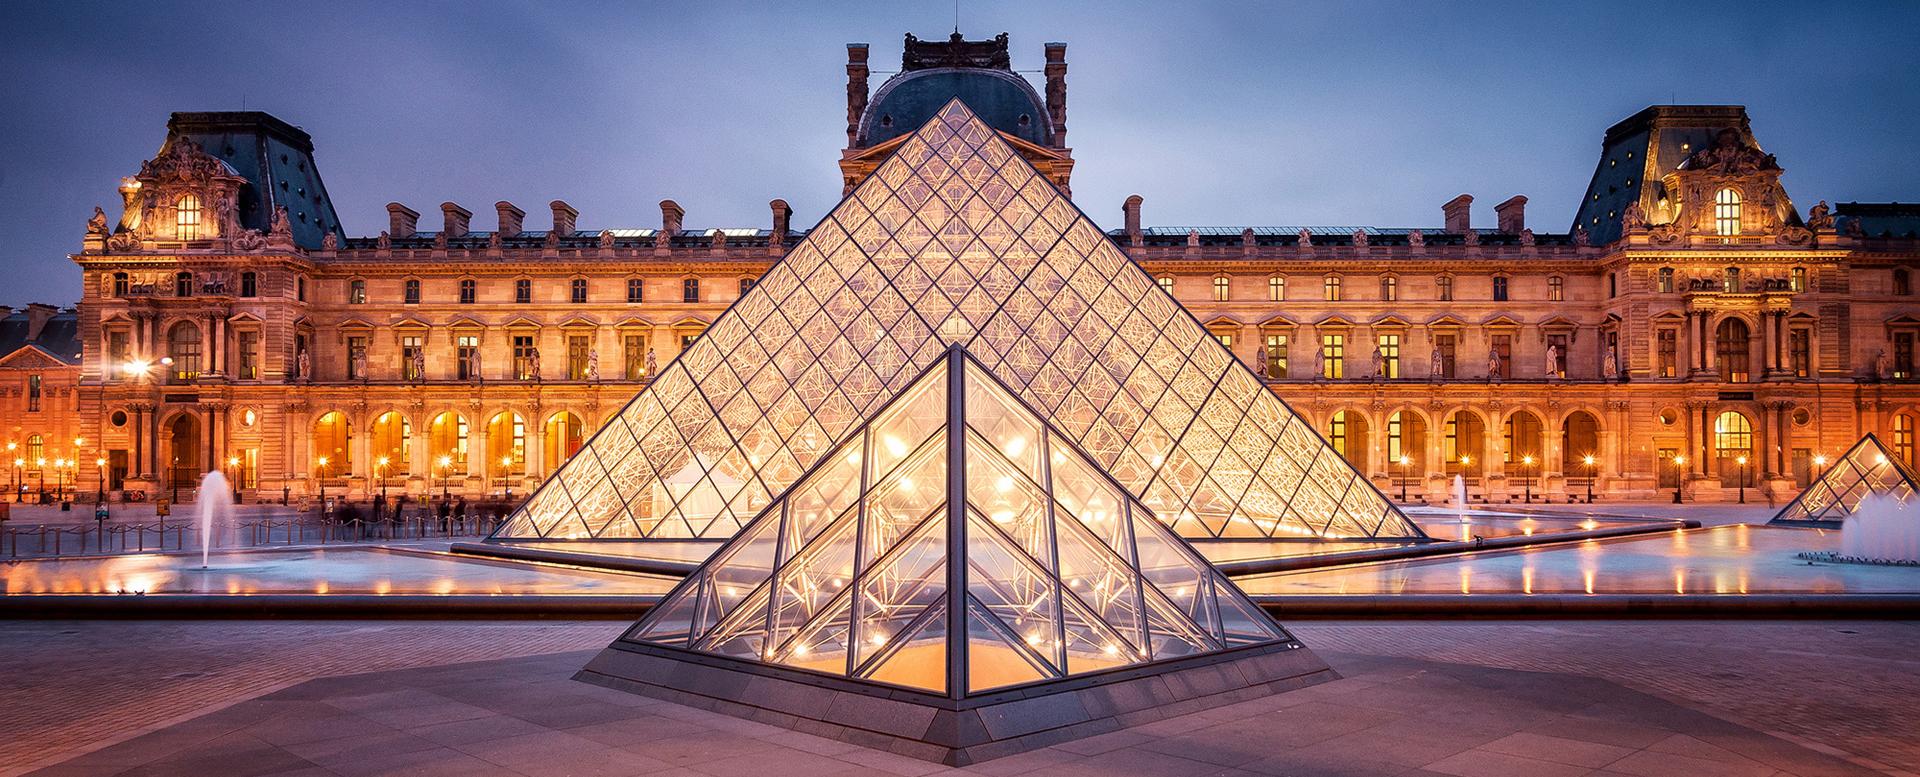 Votre chauffeur privé pour votre transport entre Paris et Musée du Louvre